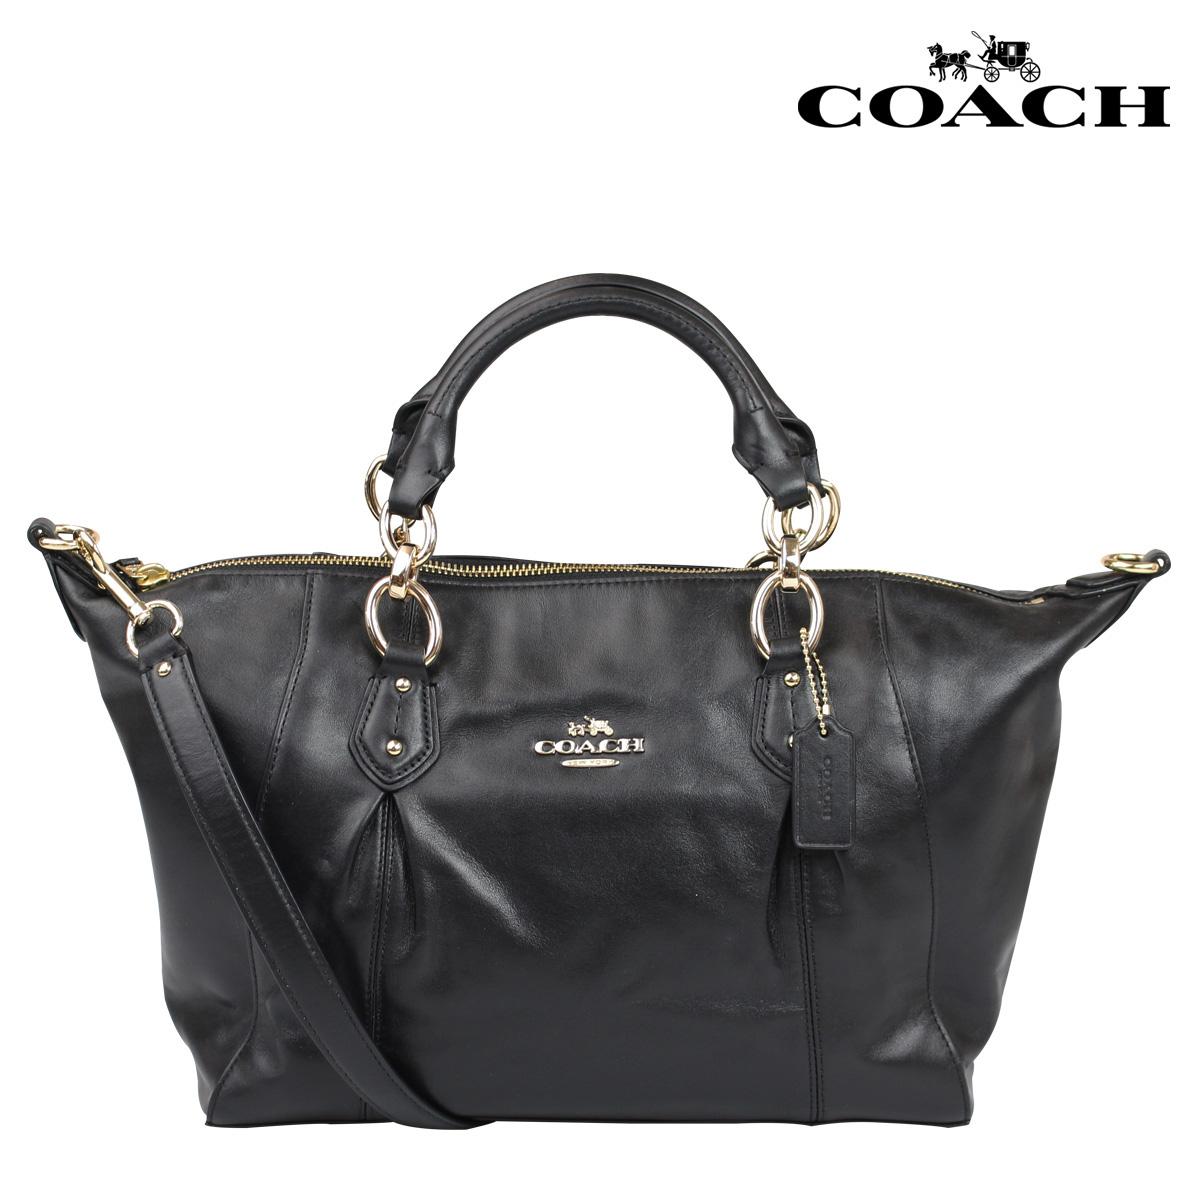 7d09f6472649 COACH コーチ『COACH』とは馬車という意味...コーチ は1941年アメリカにて誕生したブランドで、マイルス・カーン、リリアン・カーン夫妻らが創設者である。